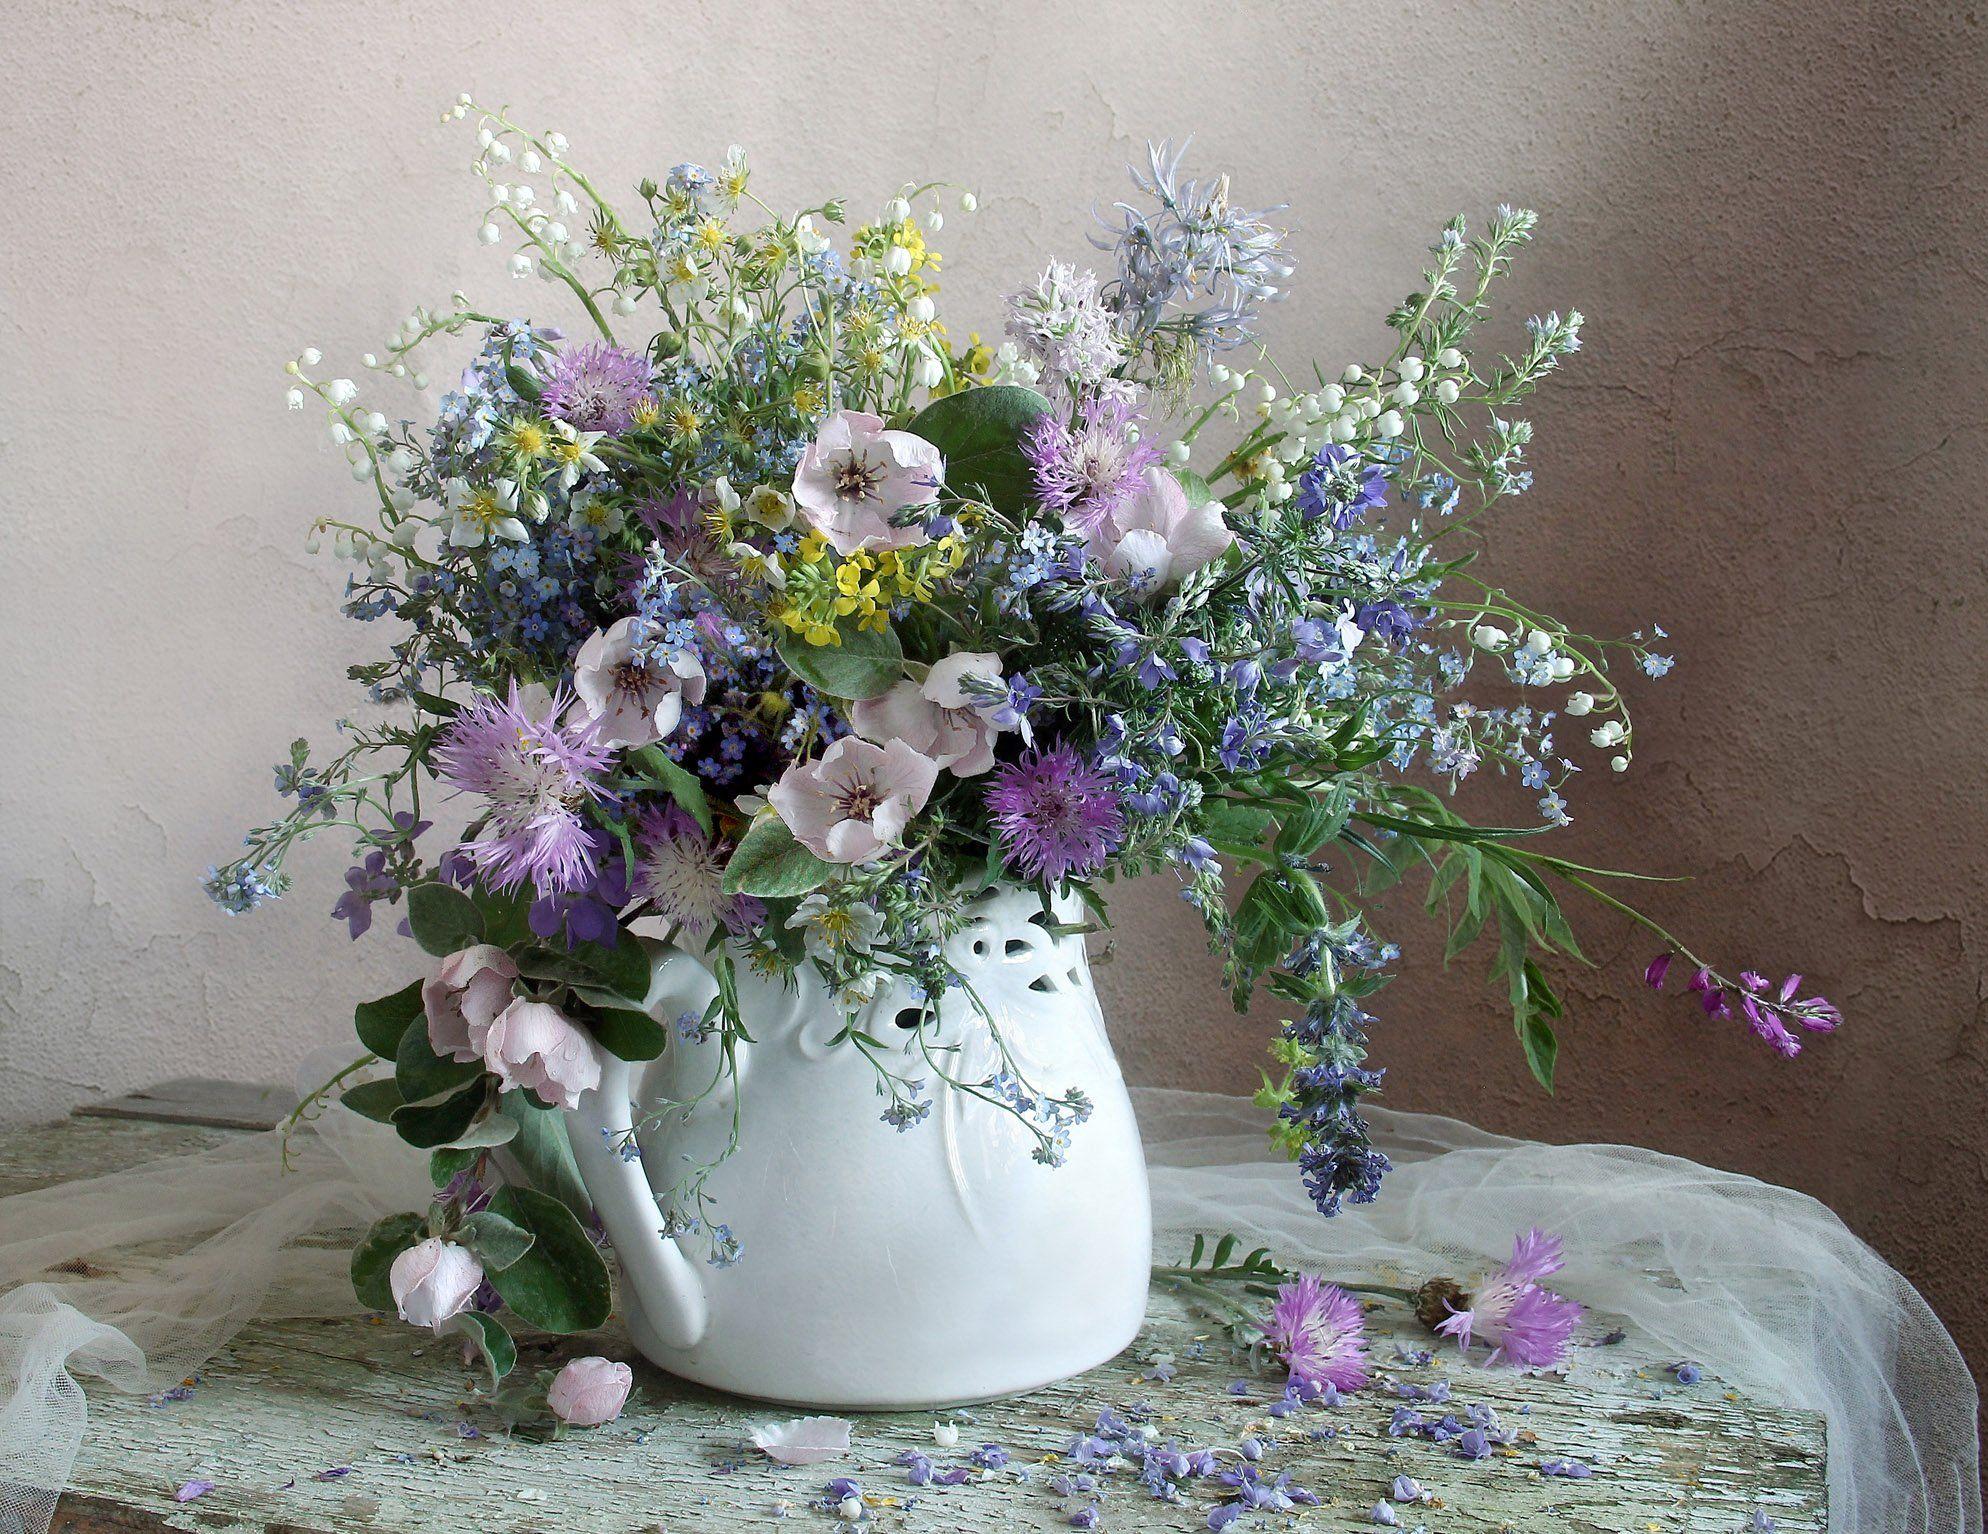 весна, натюрморт, букет цветов, незабудки, марина филатова, Филатова Марина